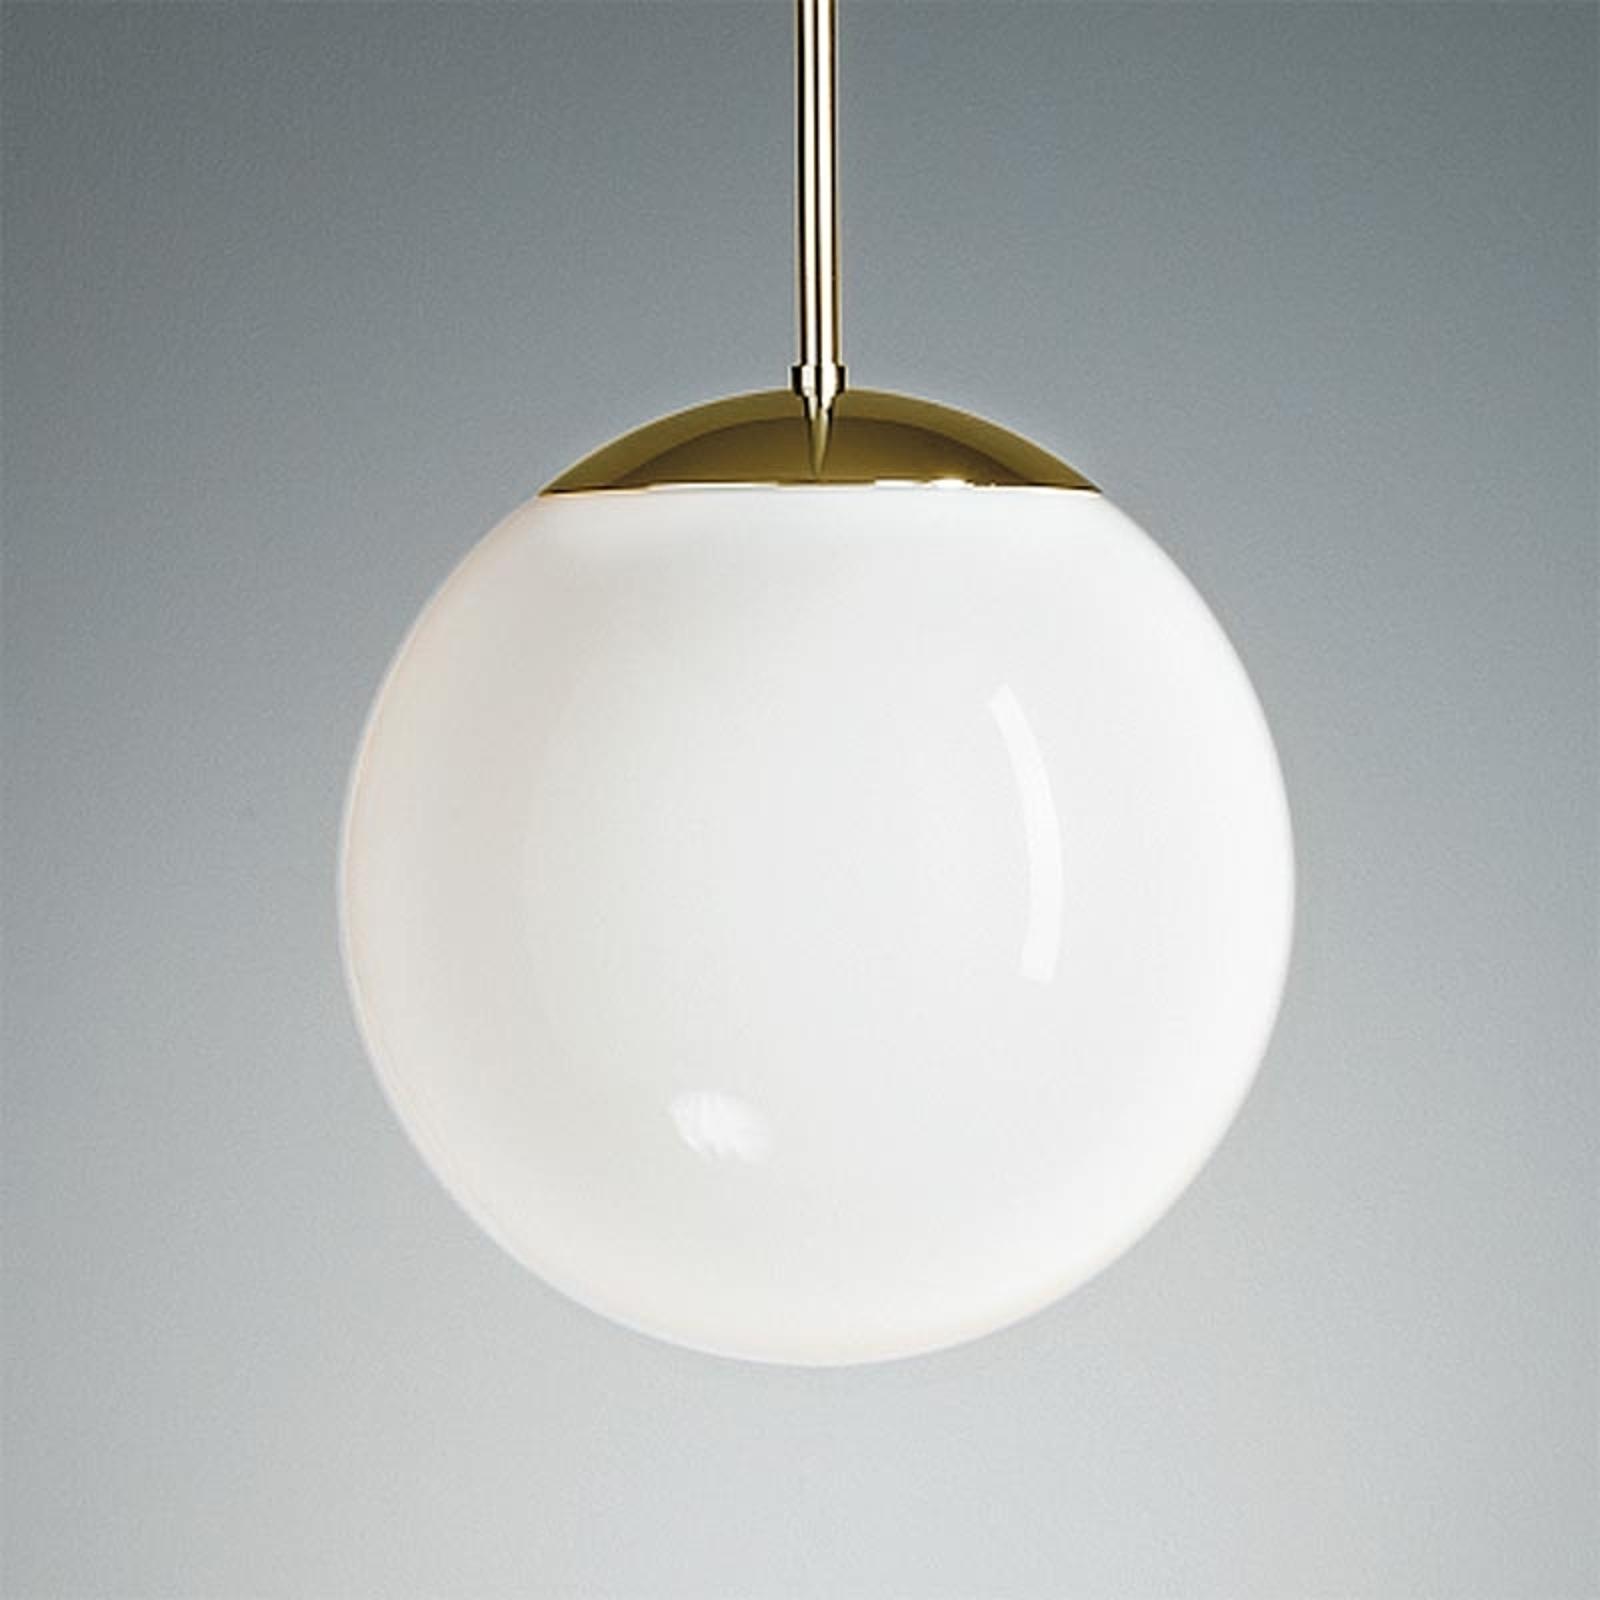 Lampa wisząca z opalowym kloszem 30 cm mosiądz